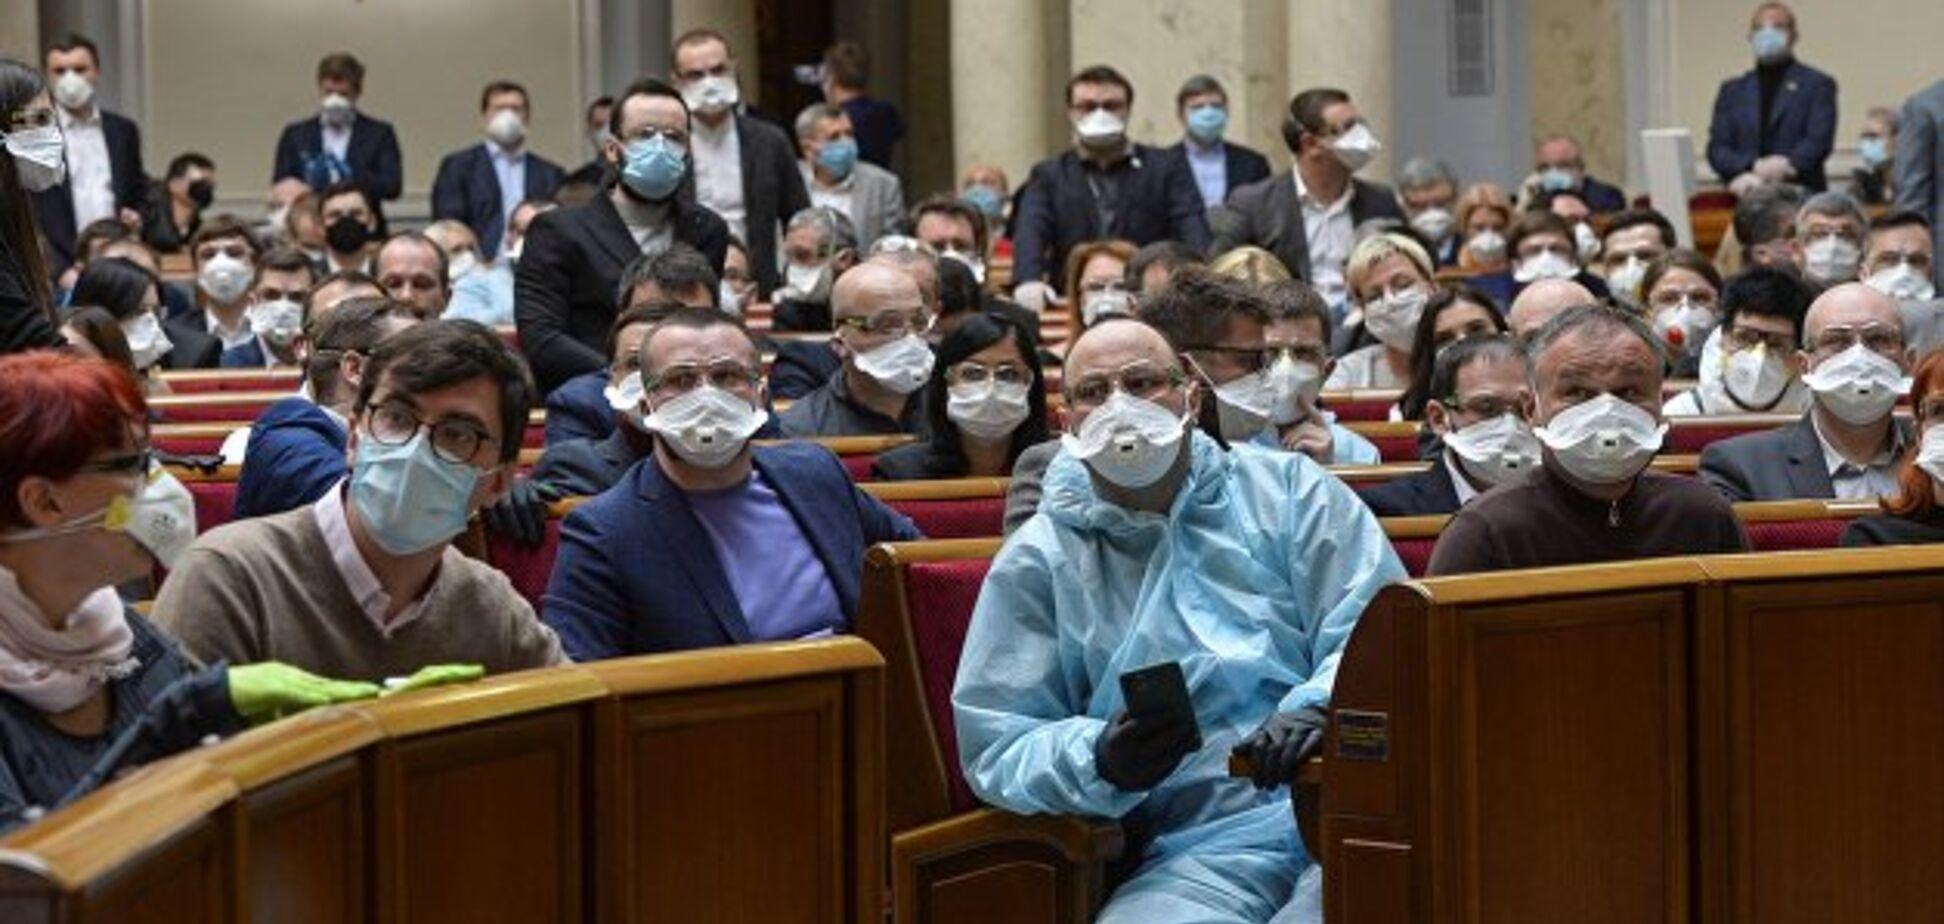 Подвохи 'антиколомойского' закона: о чем молчат депутаты